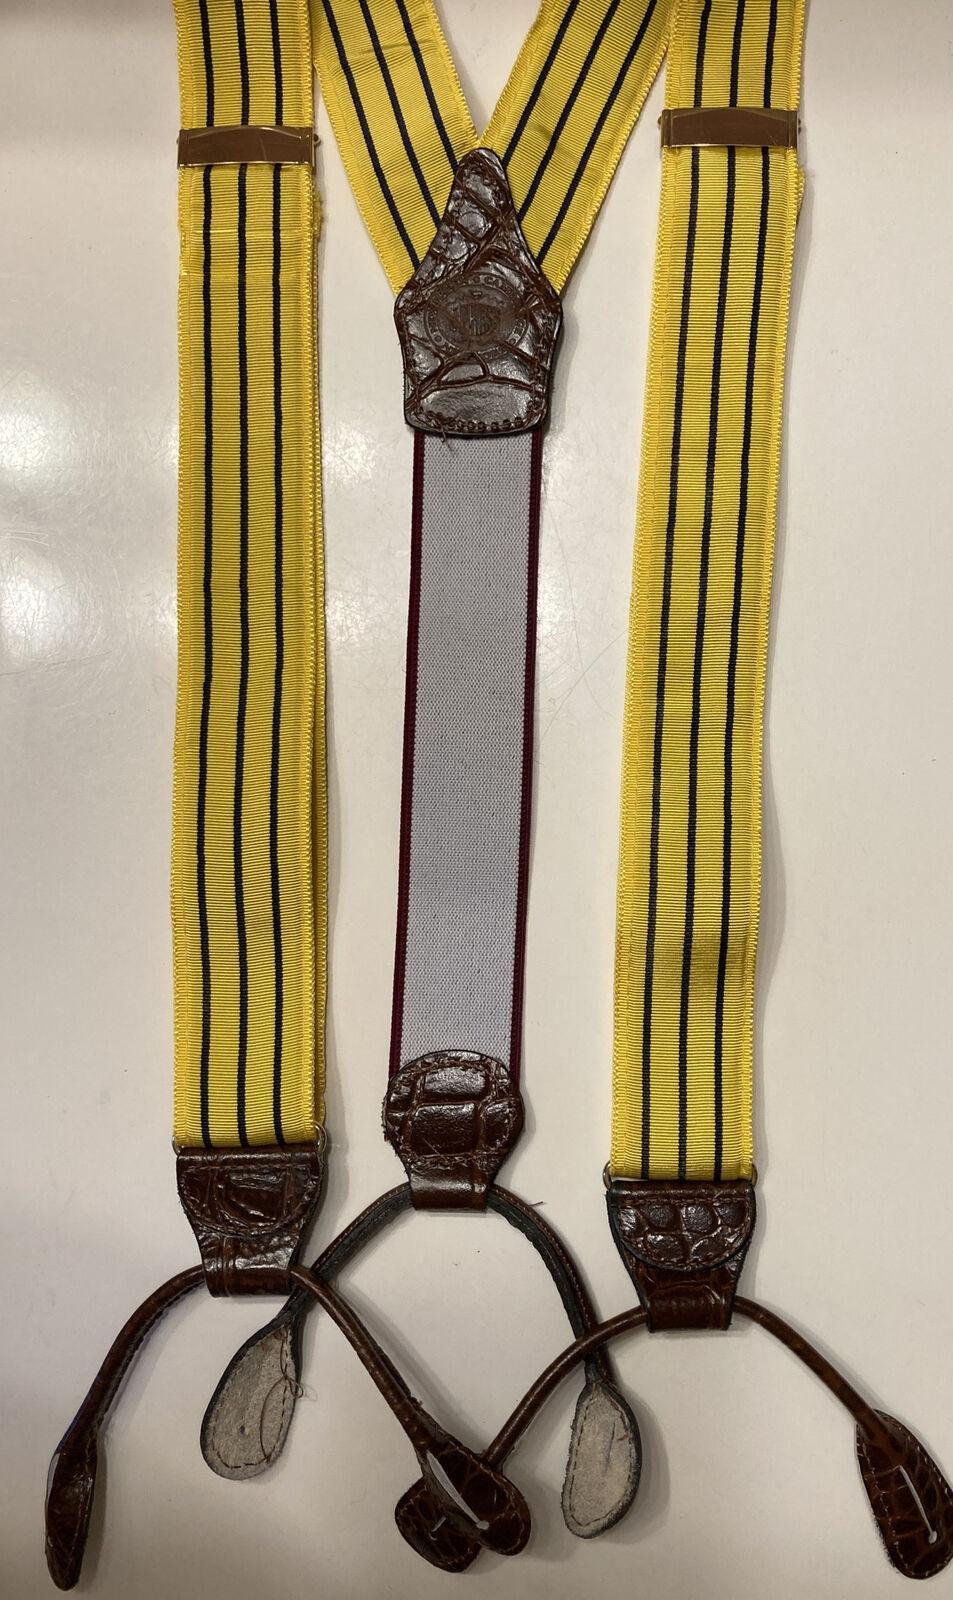 J. Press Men's Suspenders Braces Button On Yellow Navy Blue Stripe Ribbon Straps